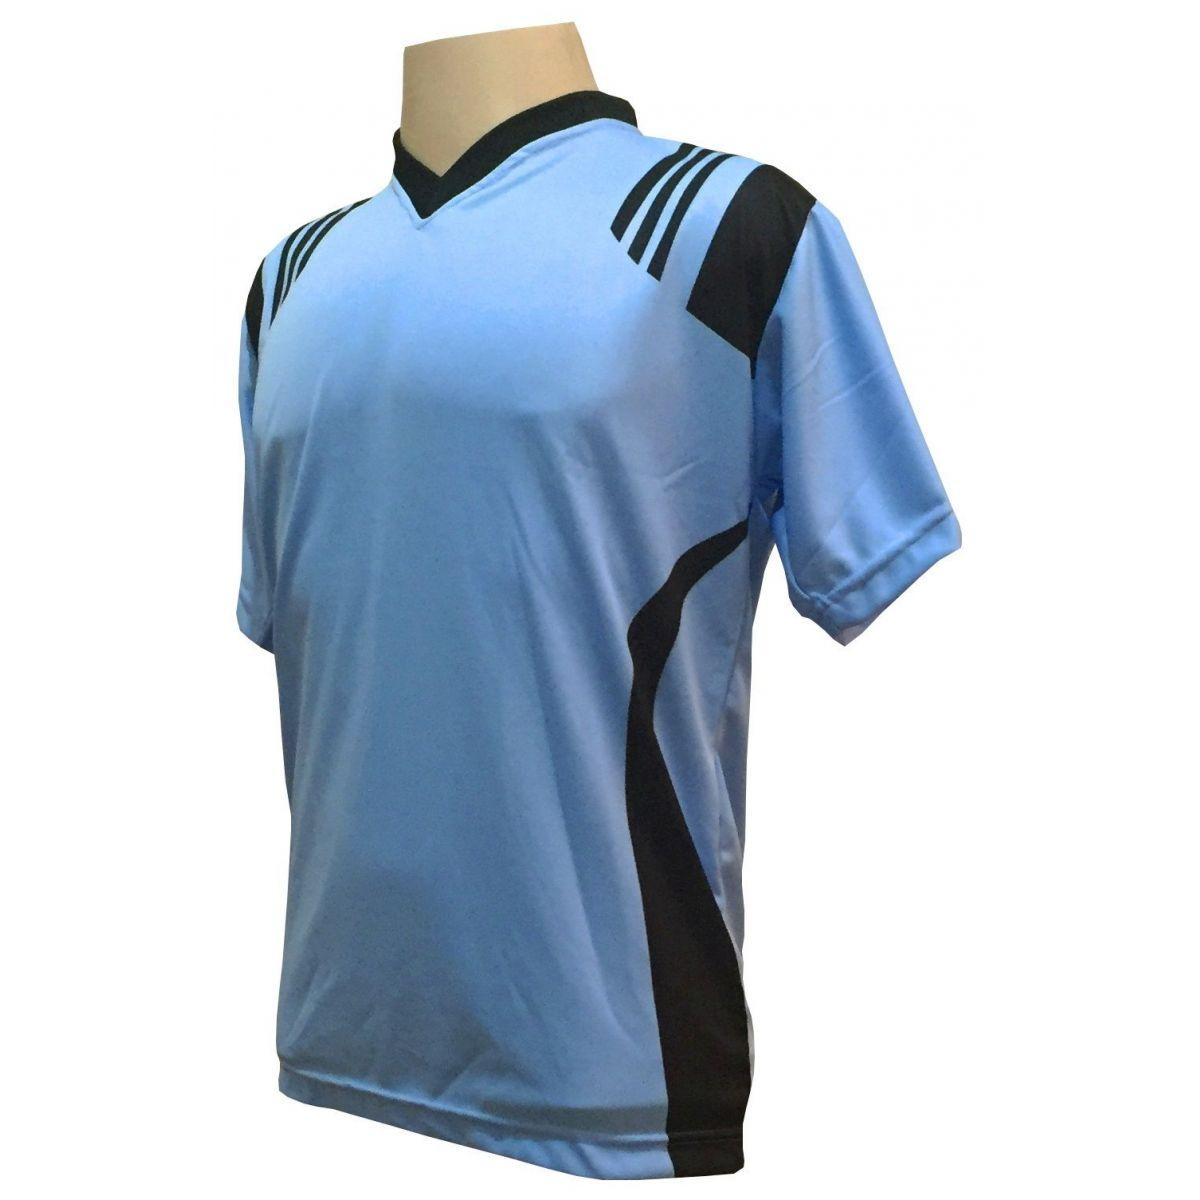 Uniforme Esportivo com 12 Camisas modelo Roma Celeste/Preto + 12 Calções modelo Madrid Preto